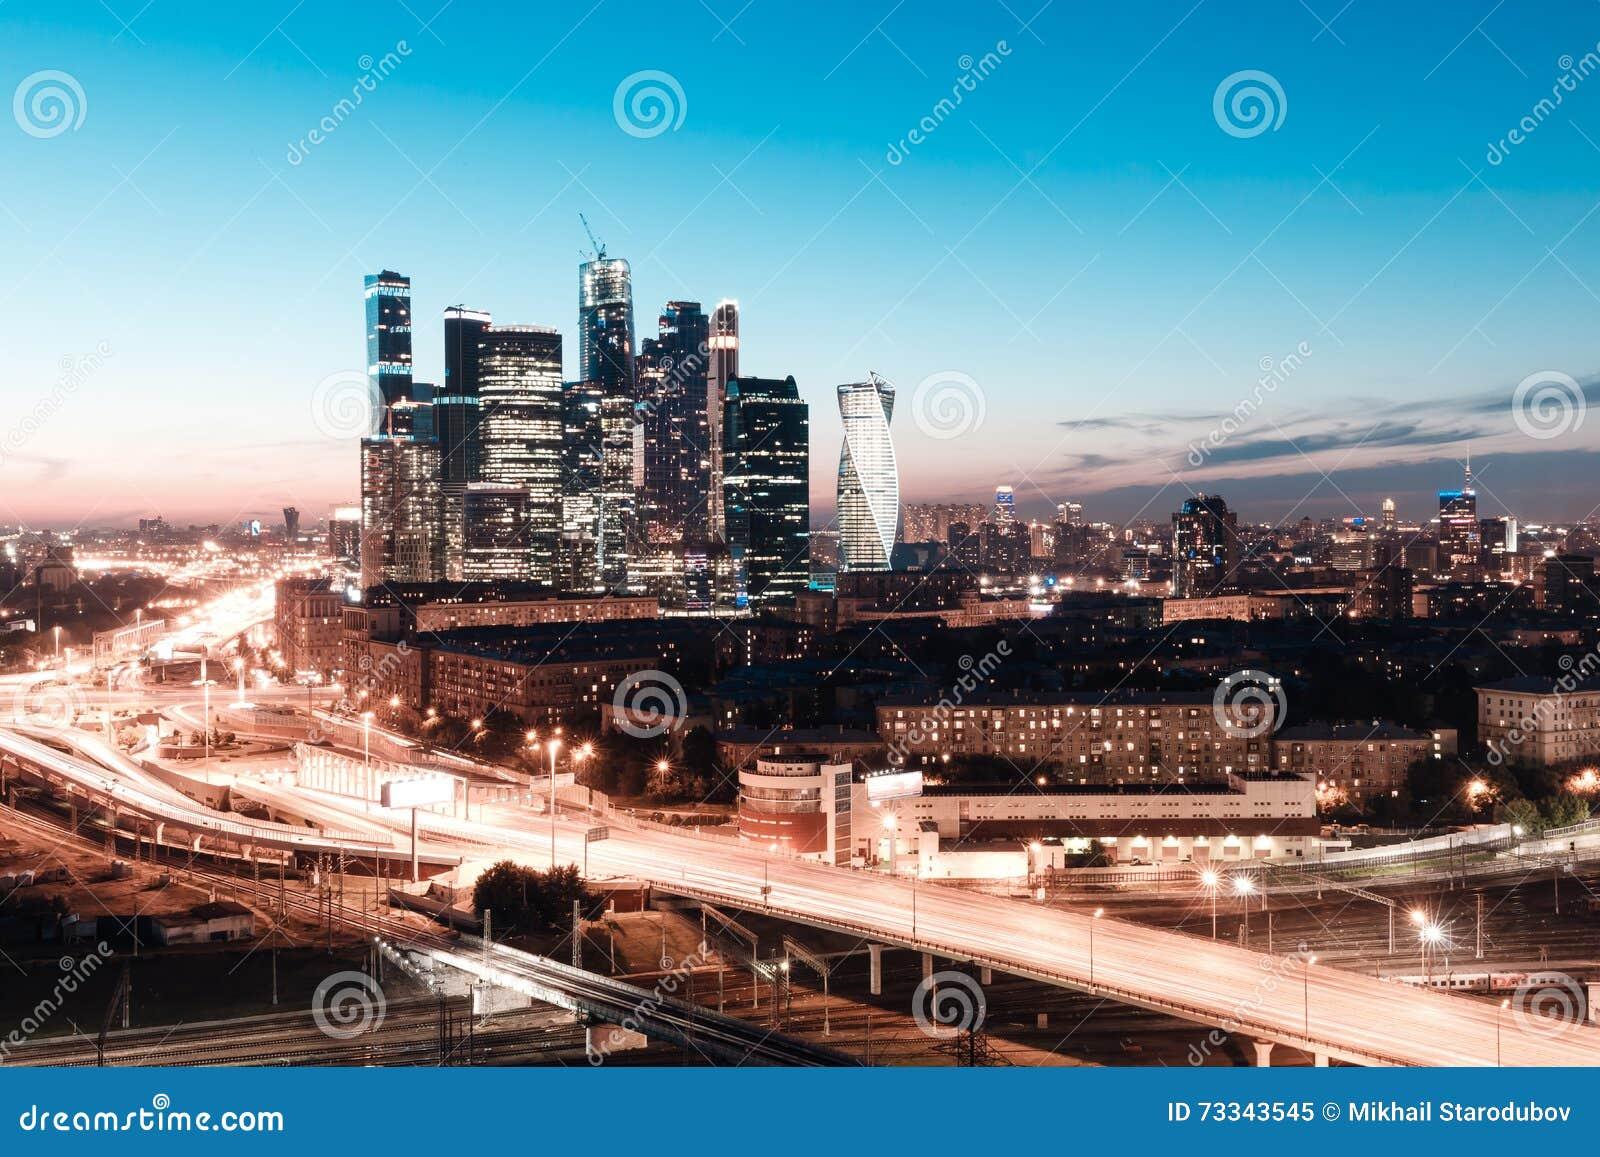 Μητρόπολη μεταφορών, κυκλοφορία και μουτζουρωμένα φω τα